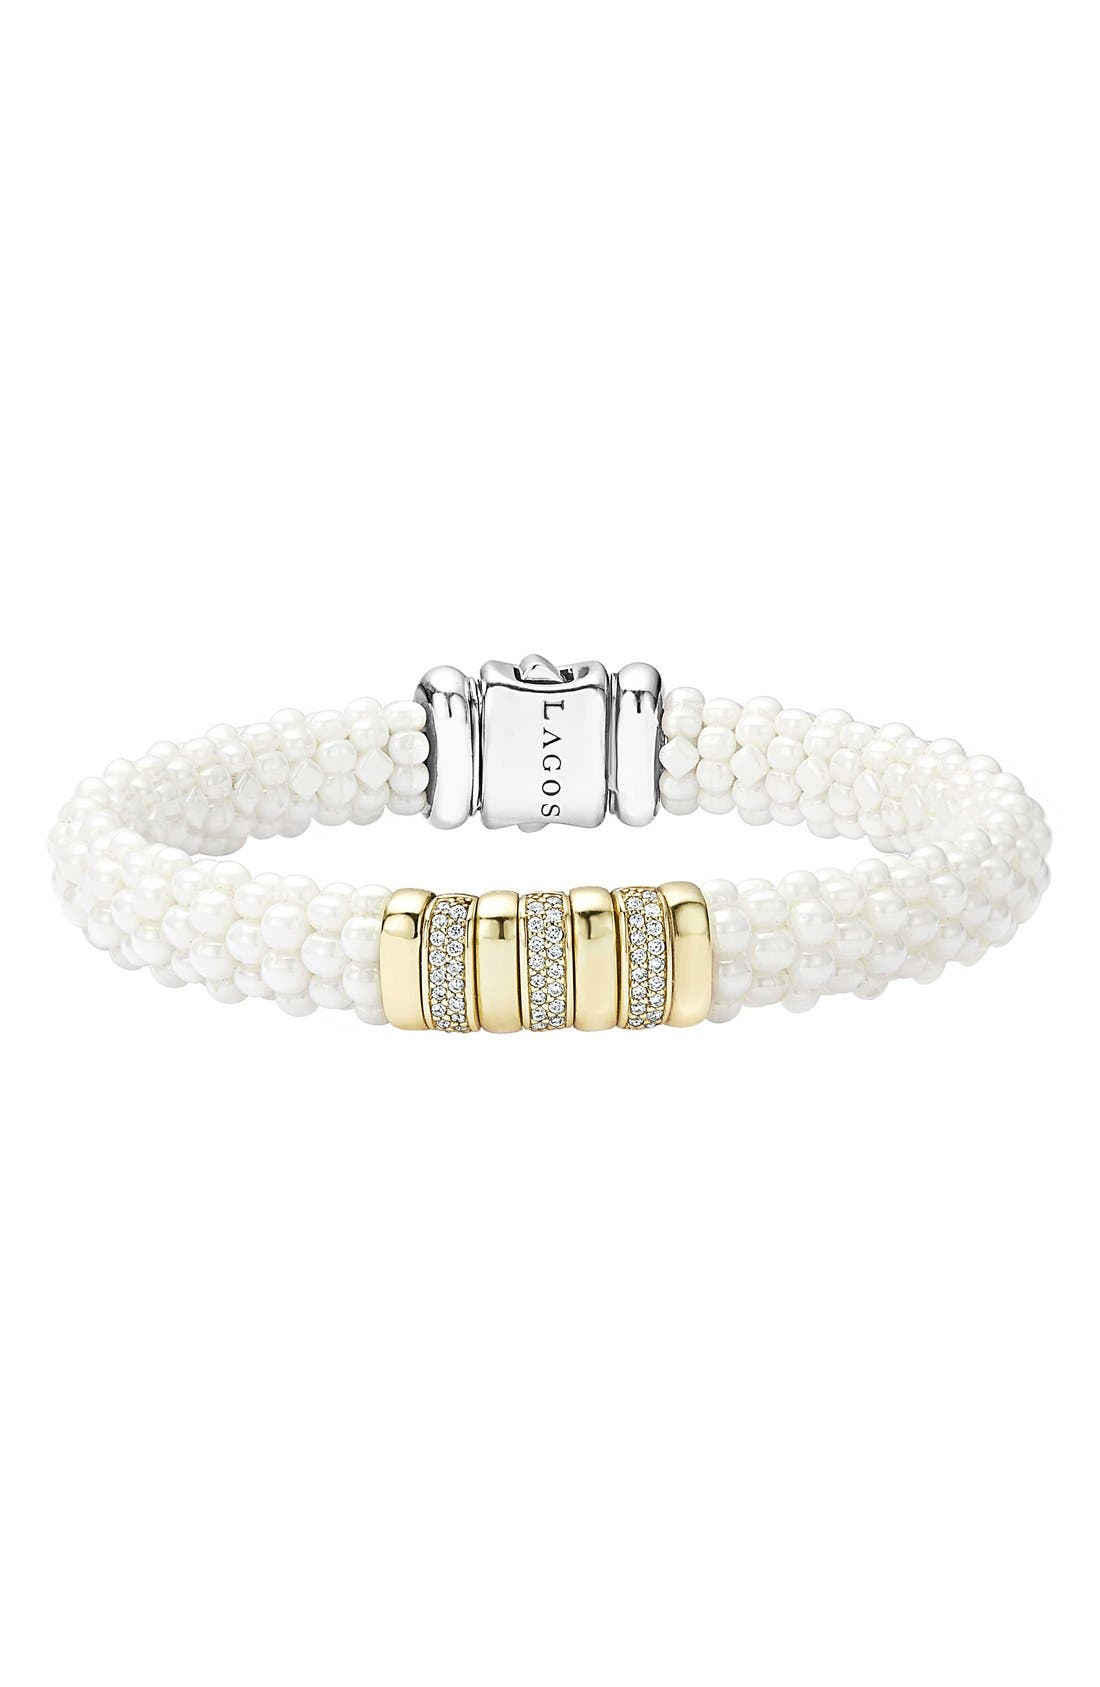 'White Caviar' Triple Pavé Diamond Rope Bracelet,                             Main thumbnail 1, color,                             100